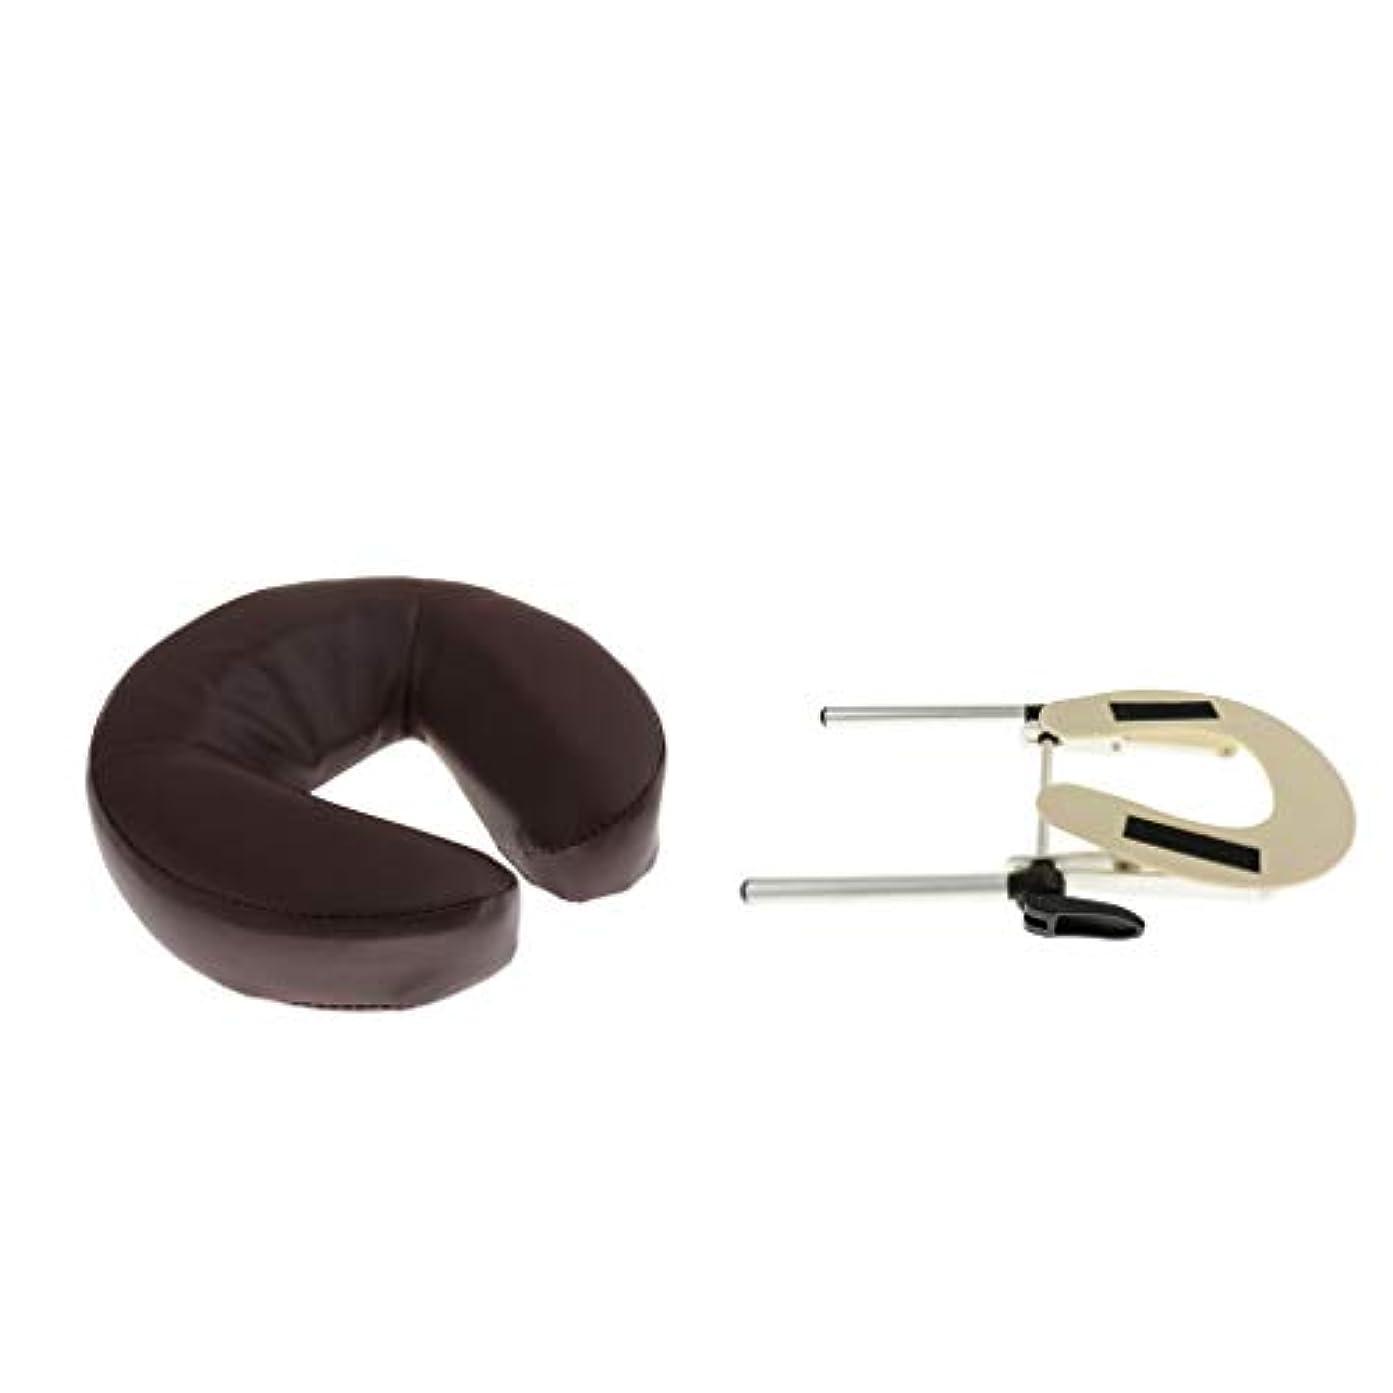 寸法クレーターコードレスdailymall ソフトフェイスダウン枕付きマッサージテーブル用フェイスクレードルピローブラケットホルダー